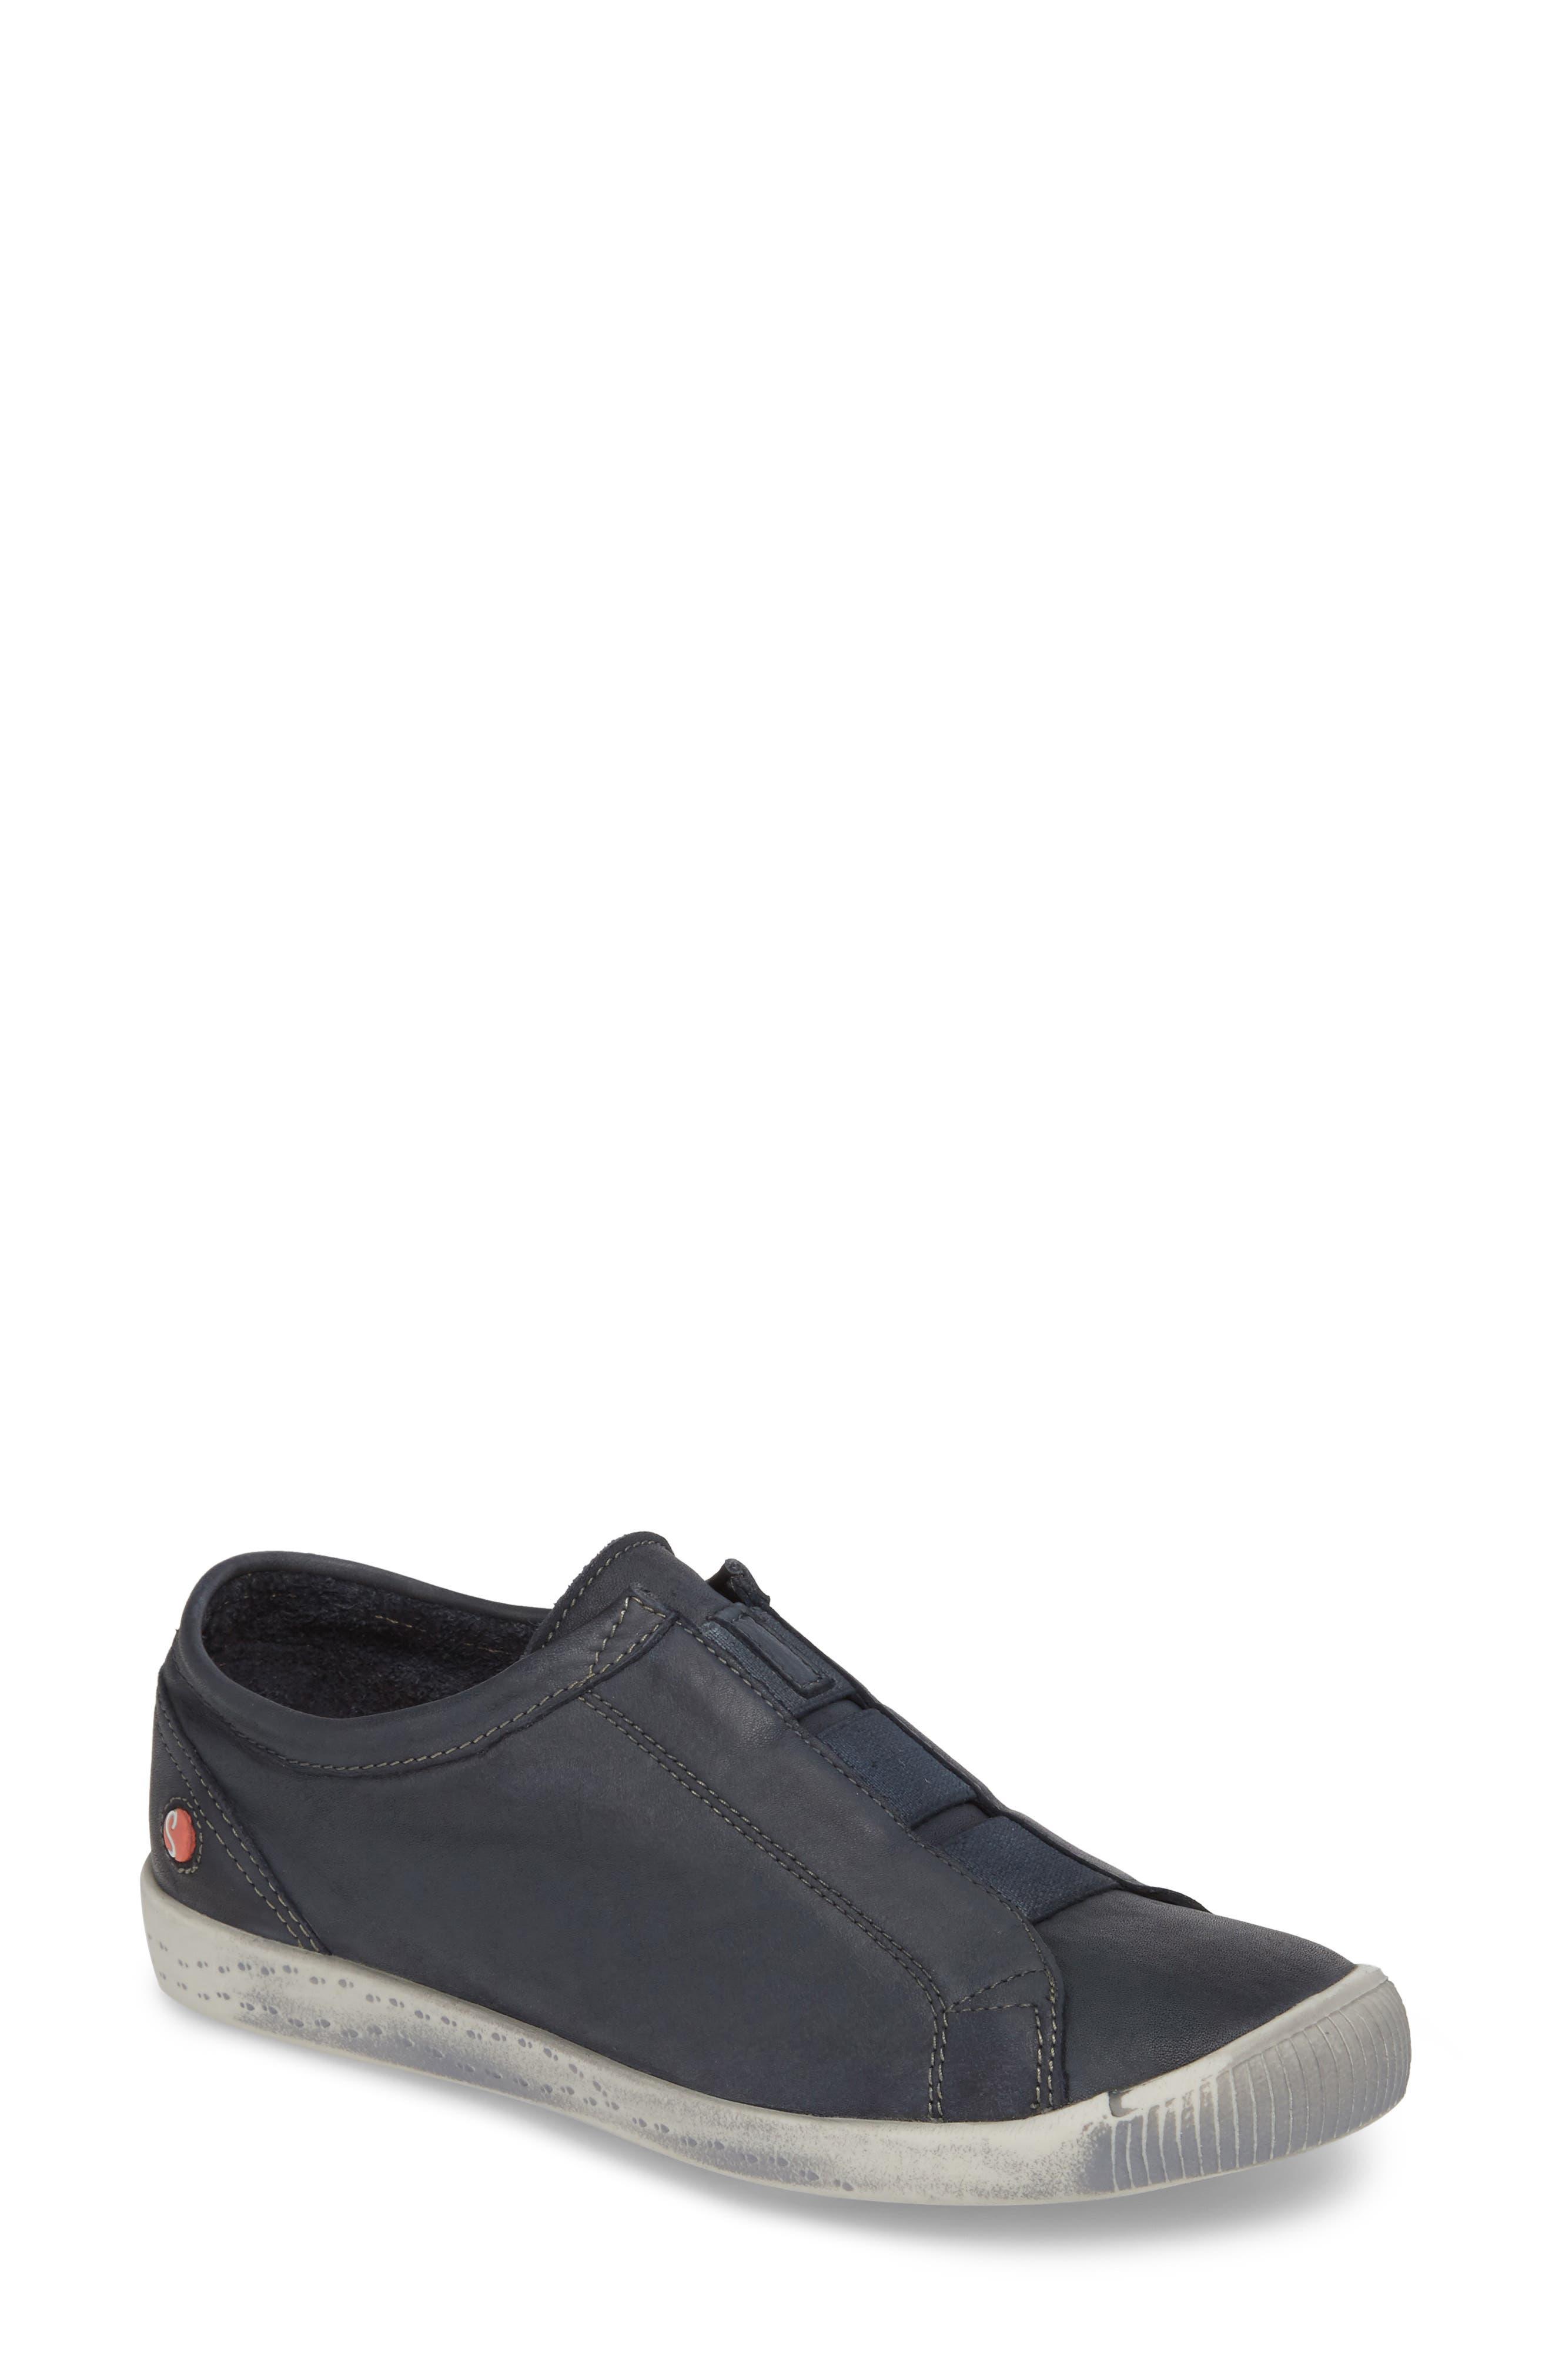 INI453SOF Slip-On Sneaker,                             Main thumbnail 1, color,                             400